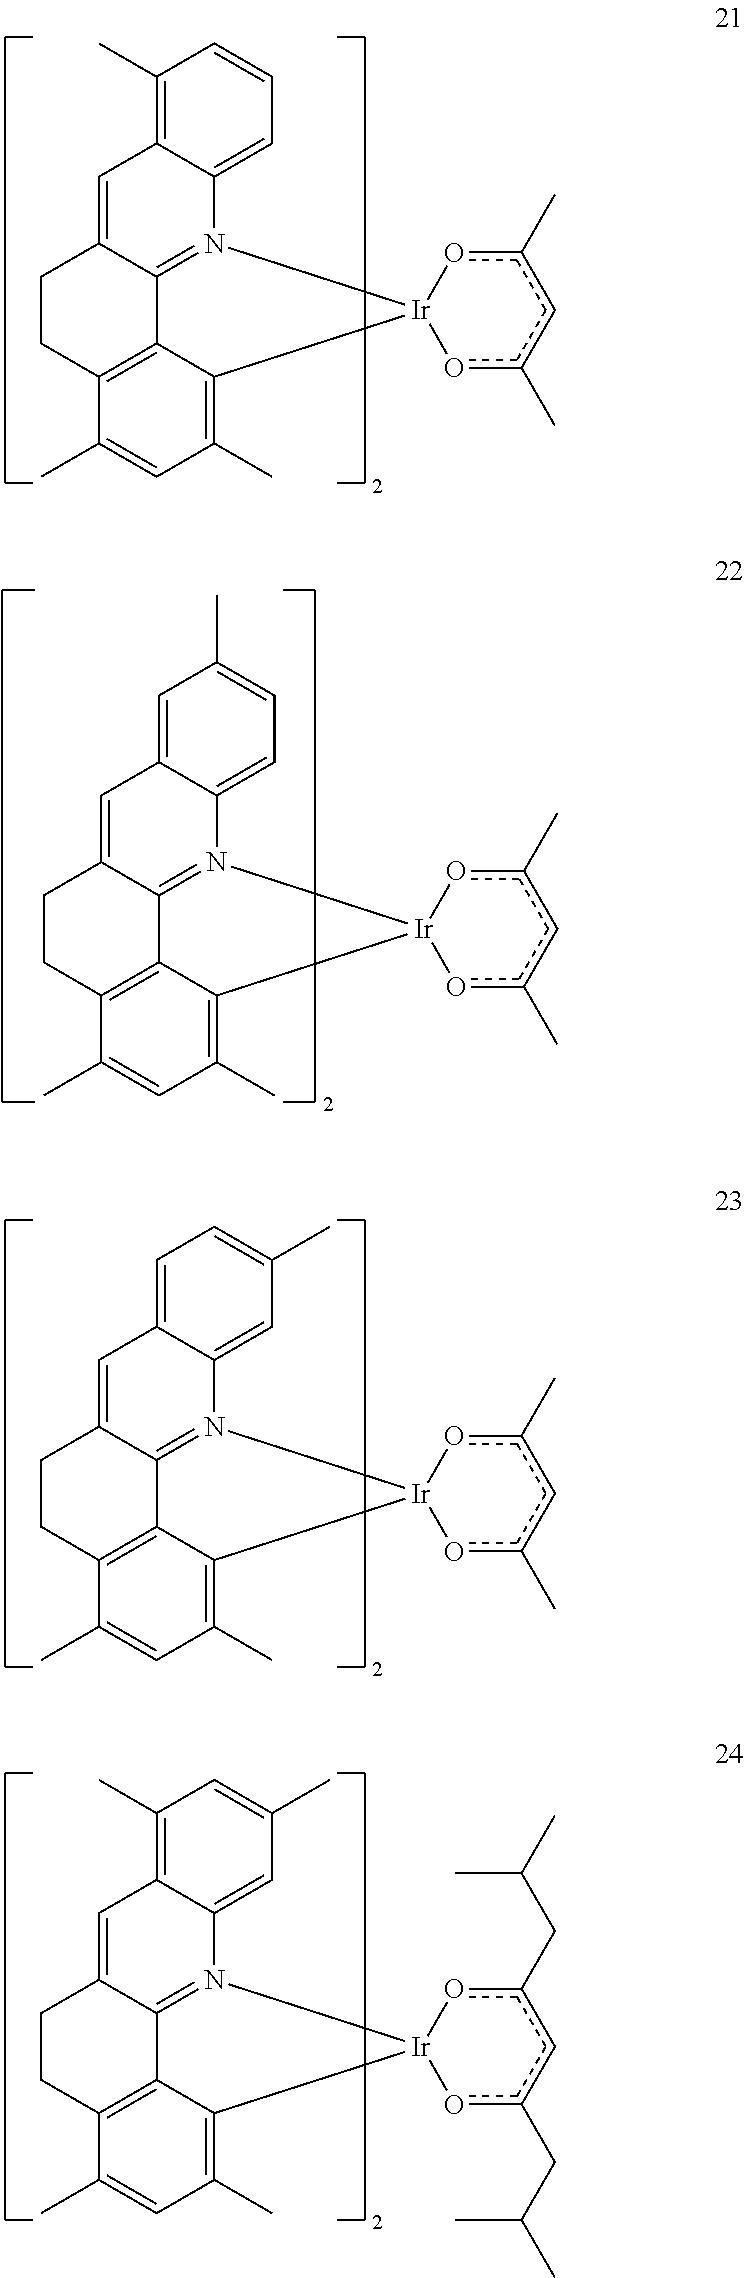 Figure US20130032785A1-20130207-C00220